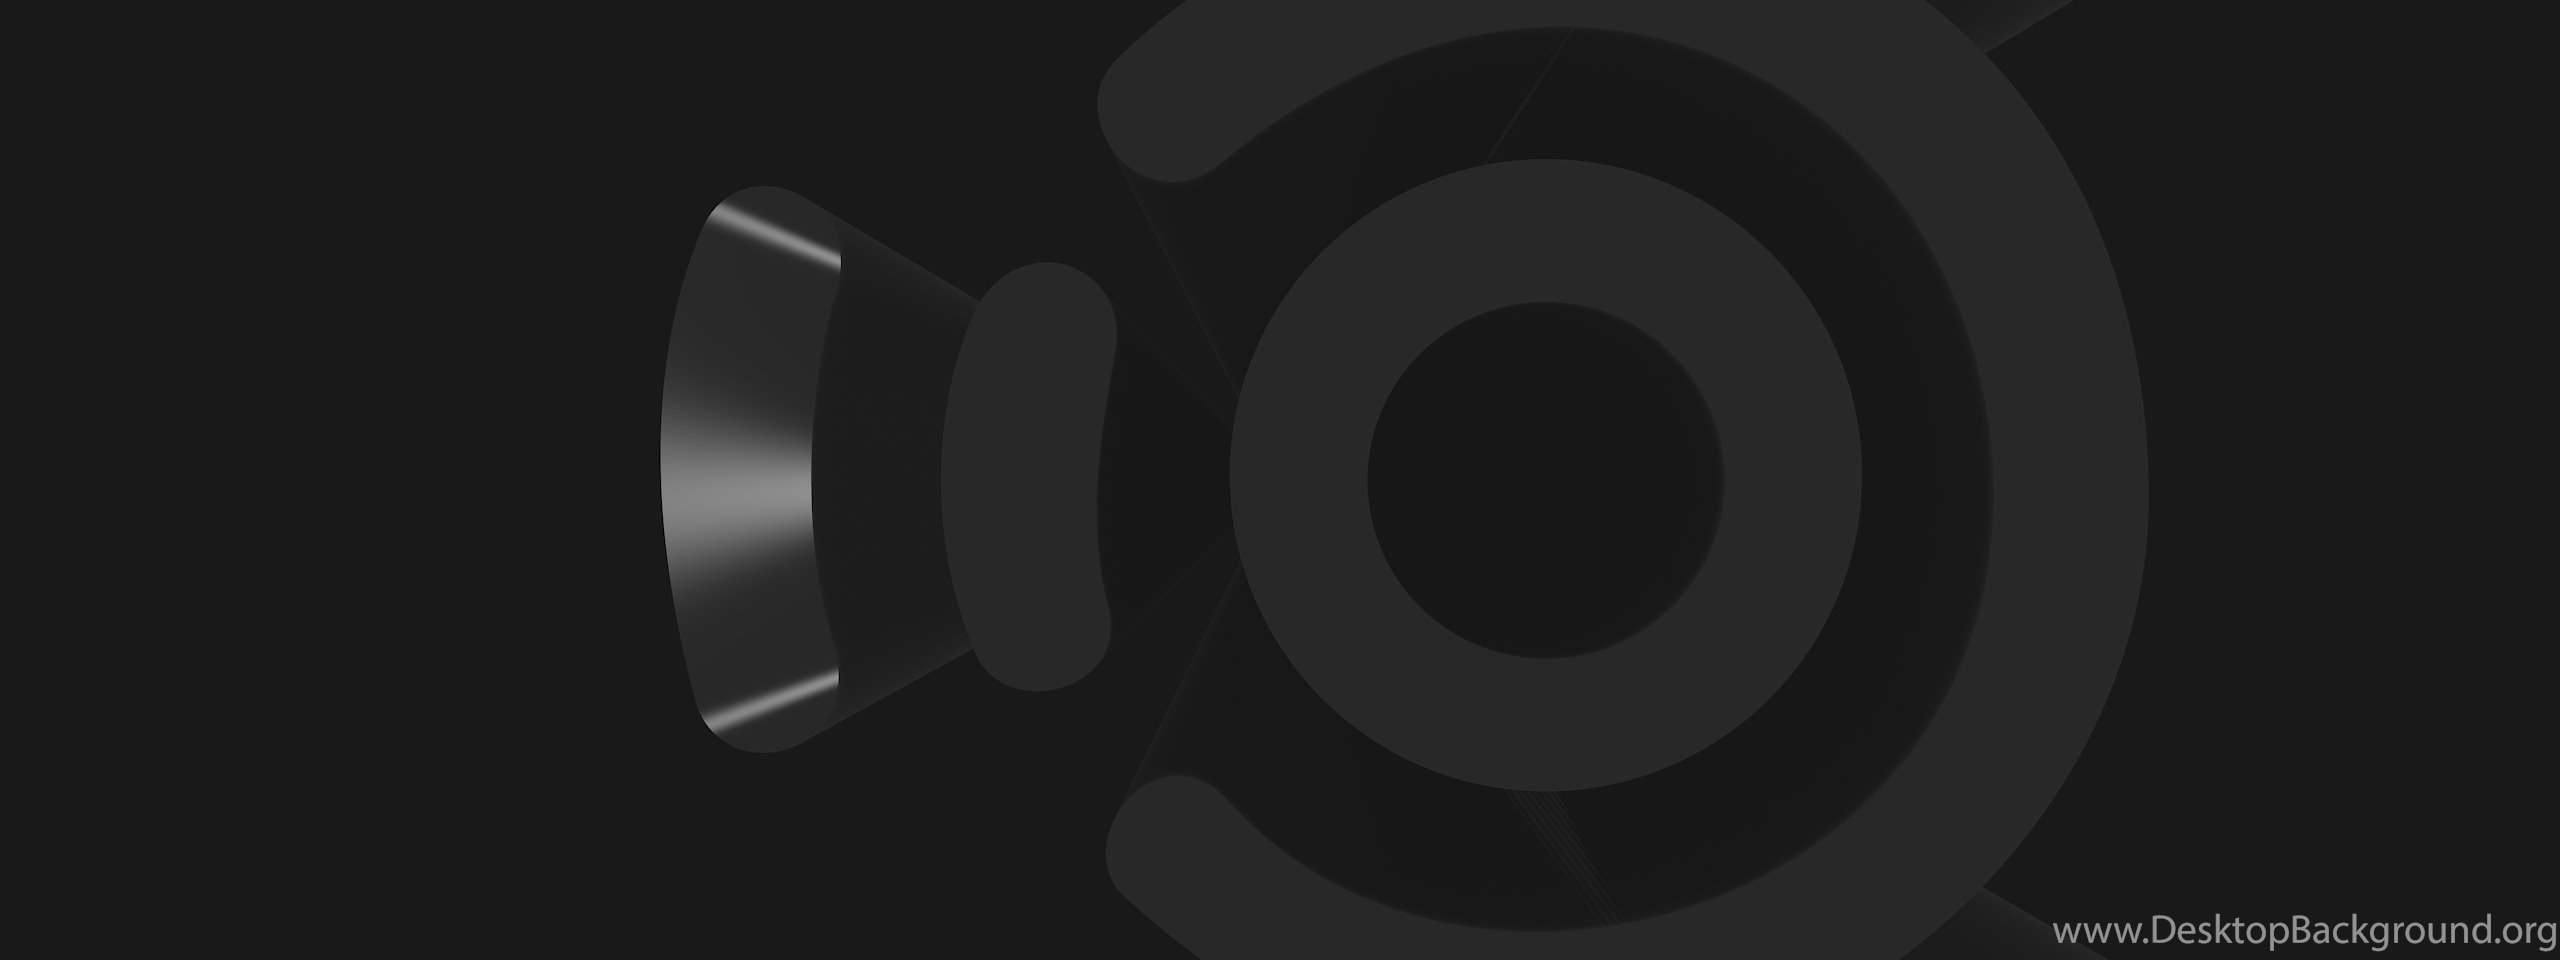 Ubuntu Studio 16 04 Wallpapers Nicer2 Desktop Background